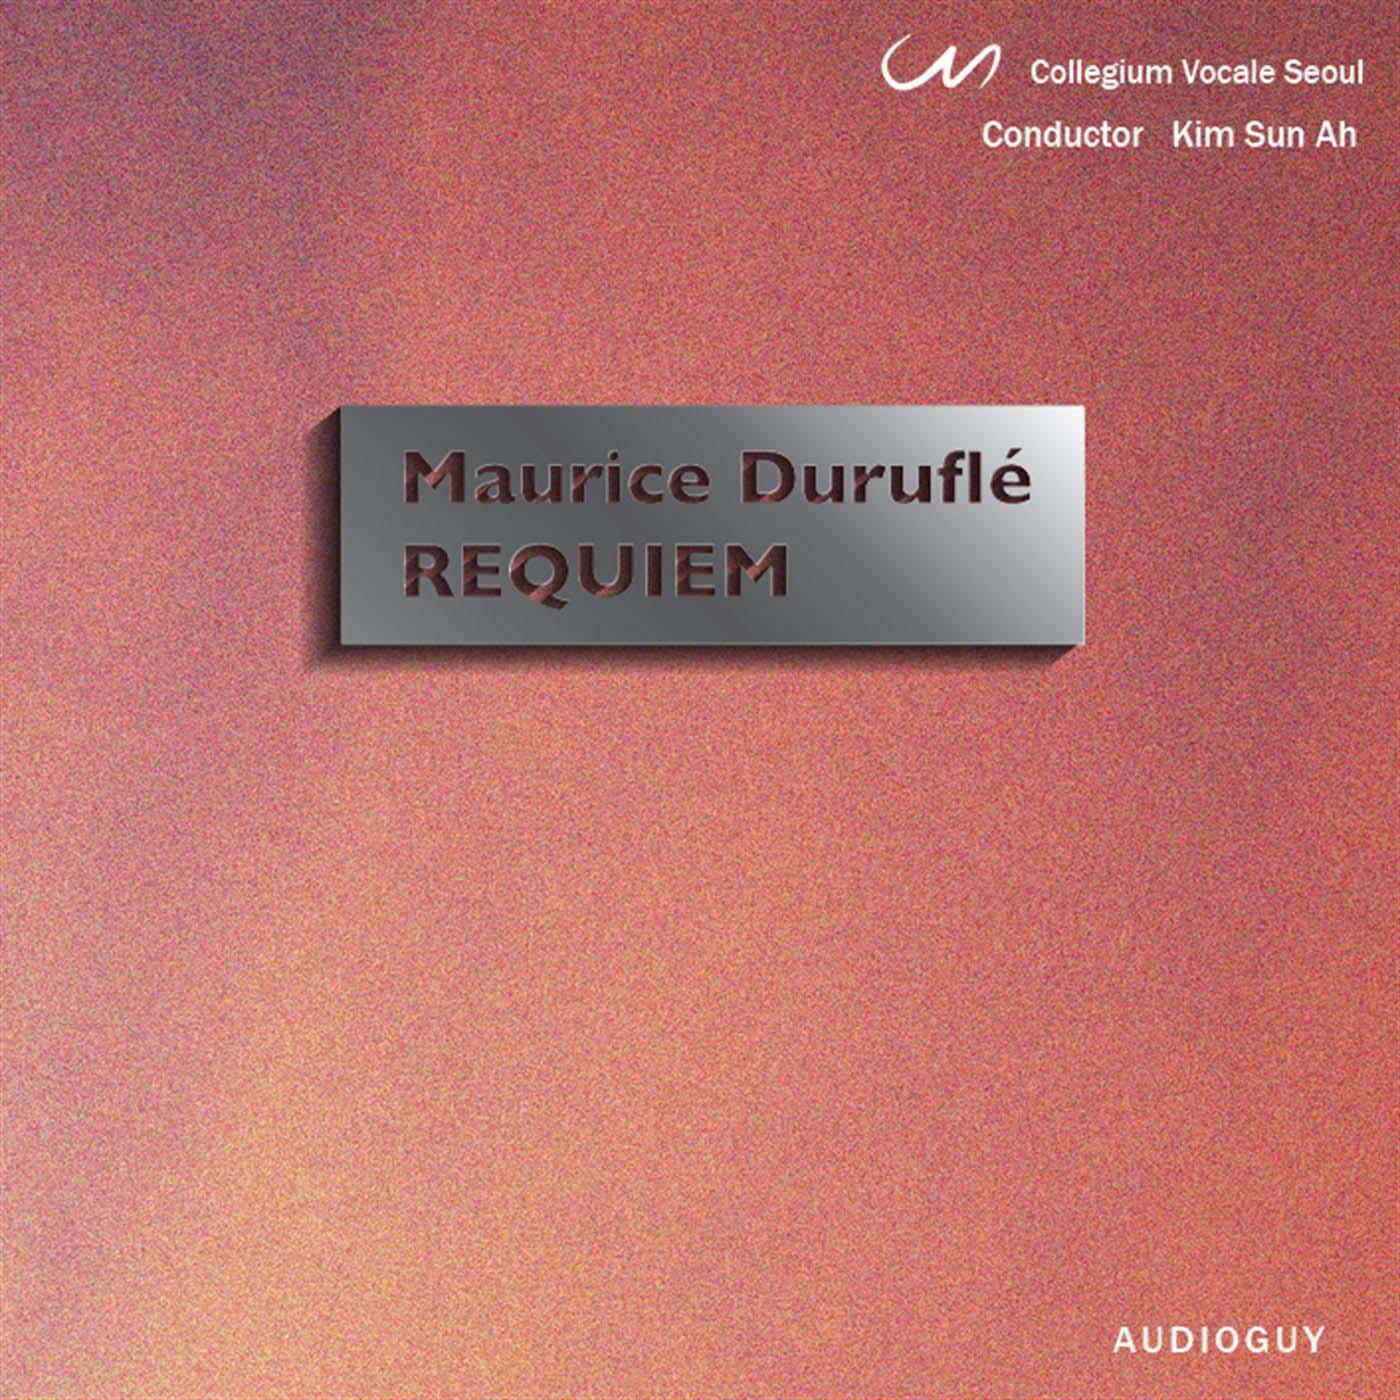 Collegium Vocale Seoul & Kim Sun Ah - Duruflé: Requiem, Op. 9 (2017)